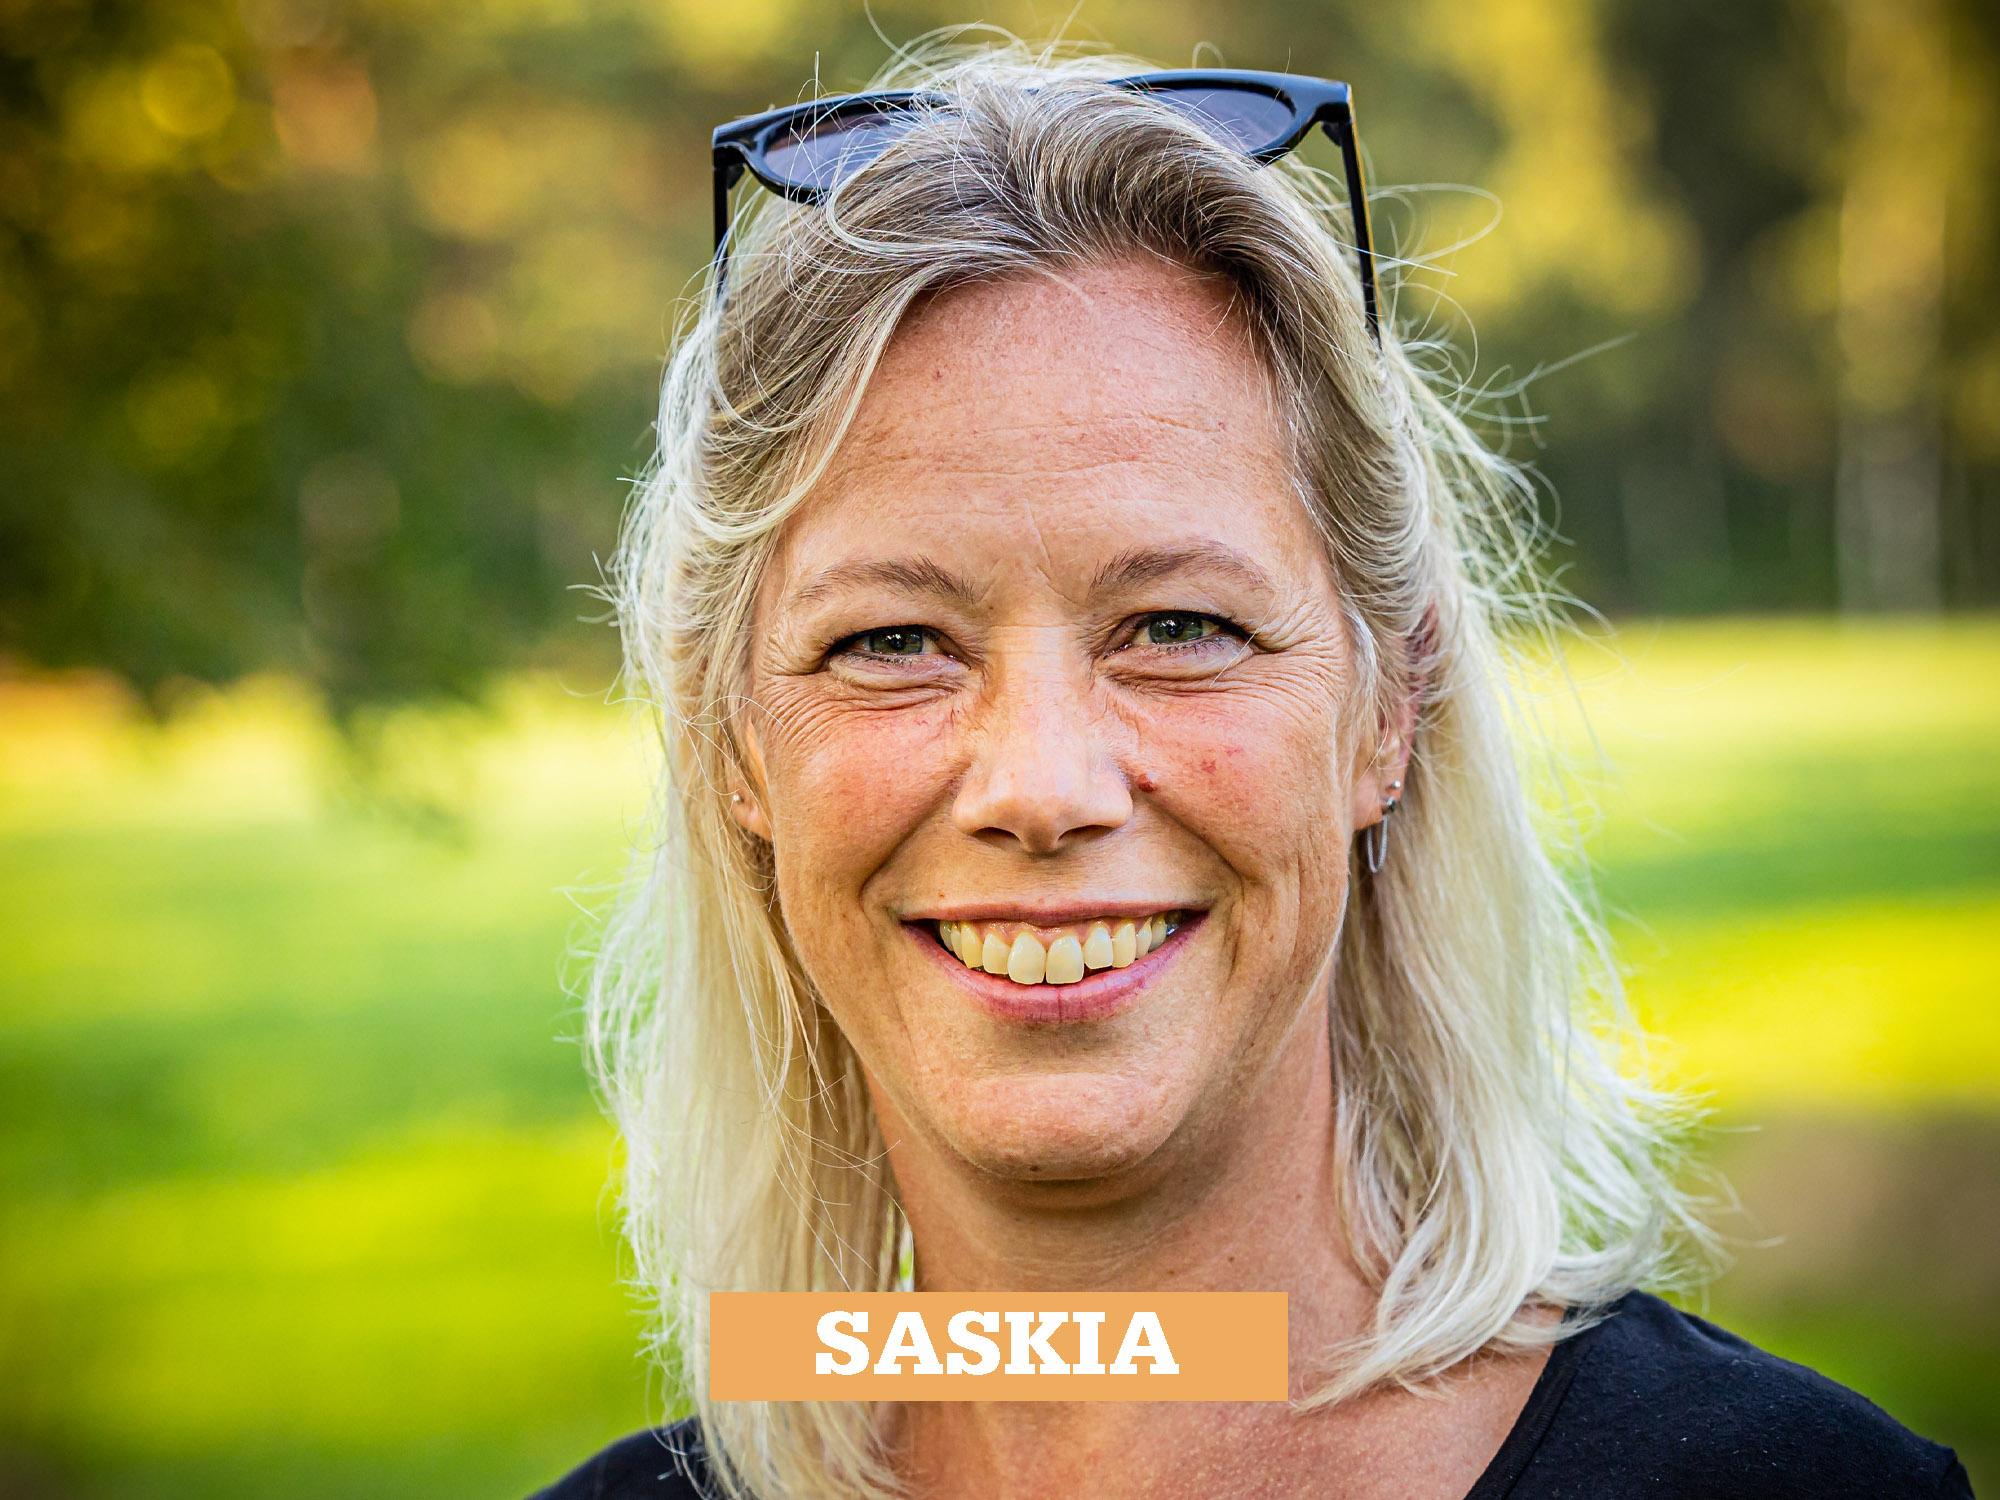 MvP_Saskia